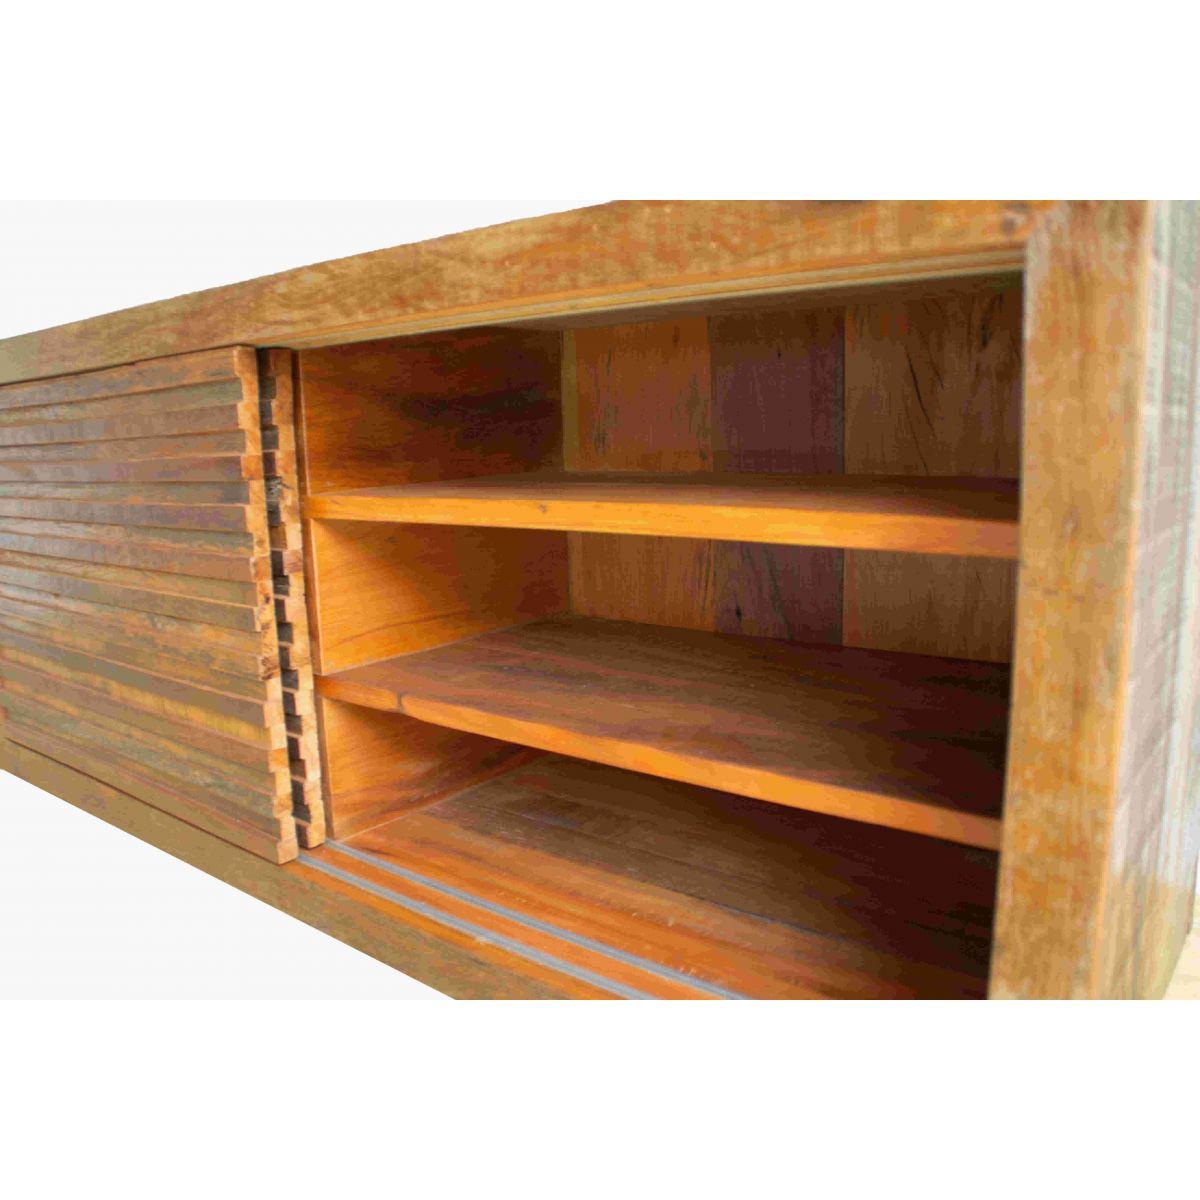 Rack Rústico 2 Portas Em Madeira De Demolição Peroba Rosa Medindo 1,40x40x60